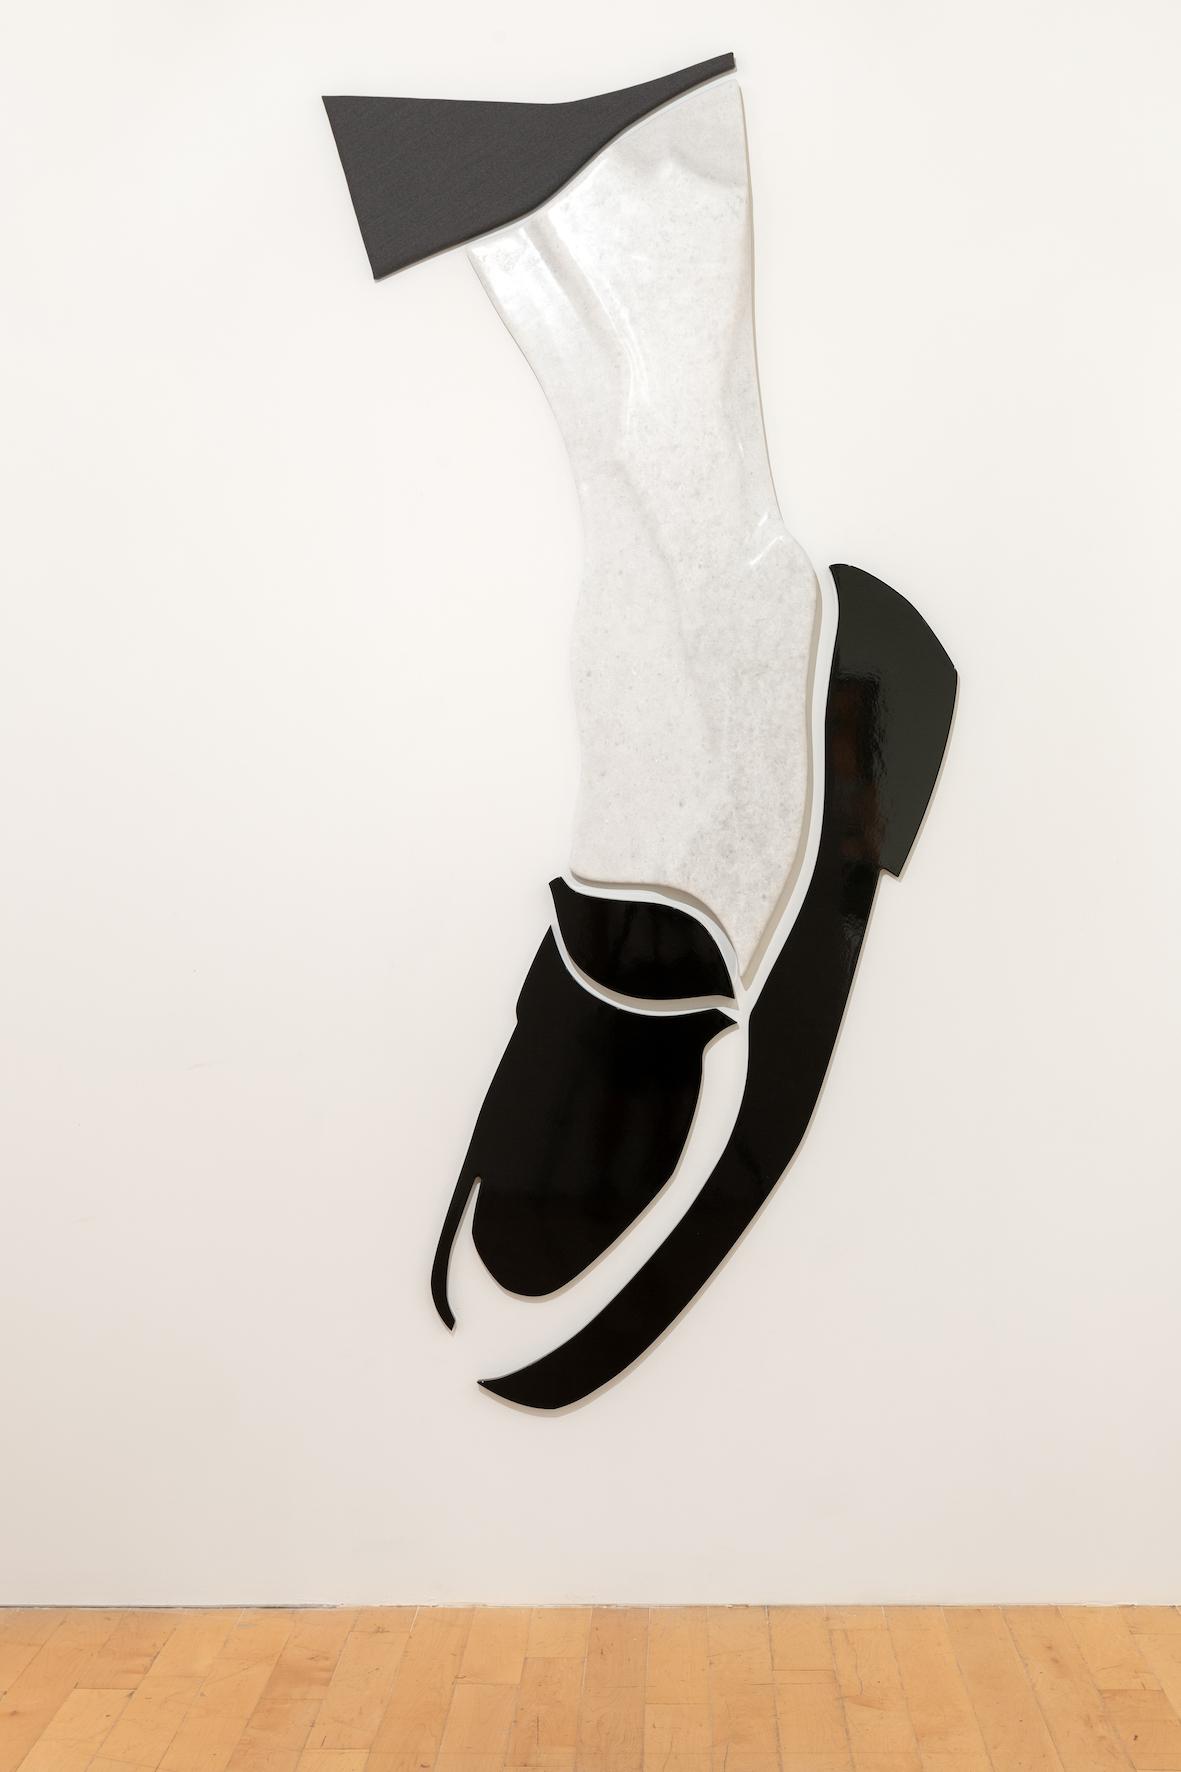 Ραλλού Παναγιώτου «Μικροκλίμα τσέπης» στο Κέντρο Τεχνών Δήμου Αθηναίων